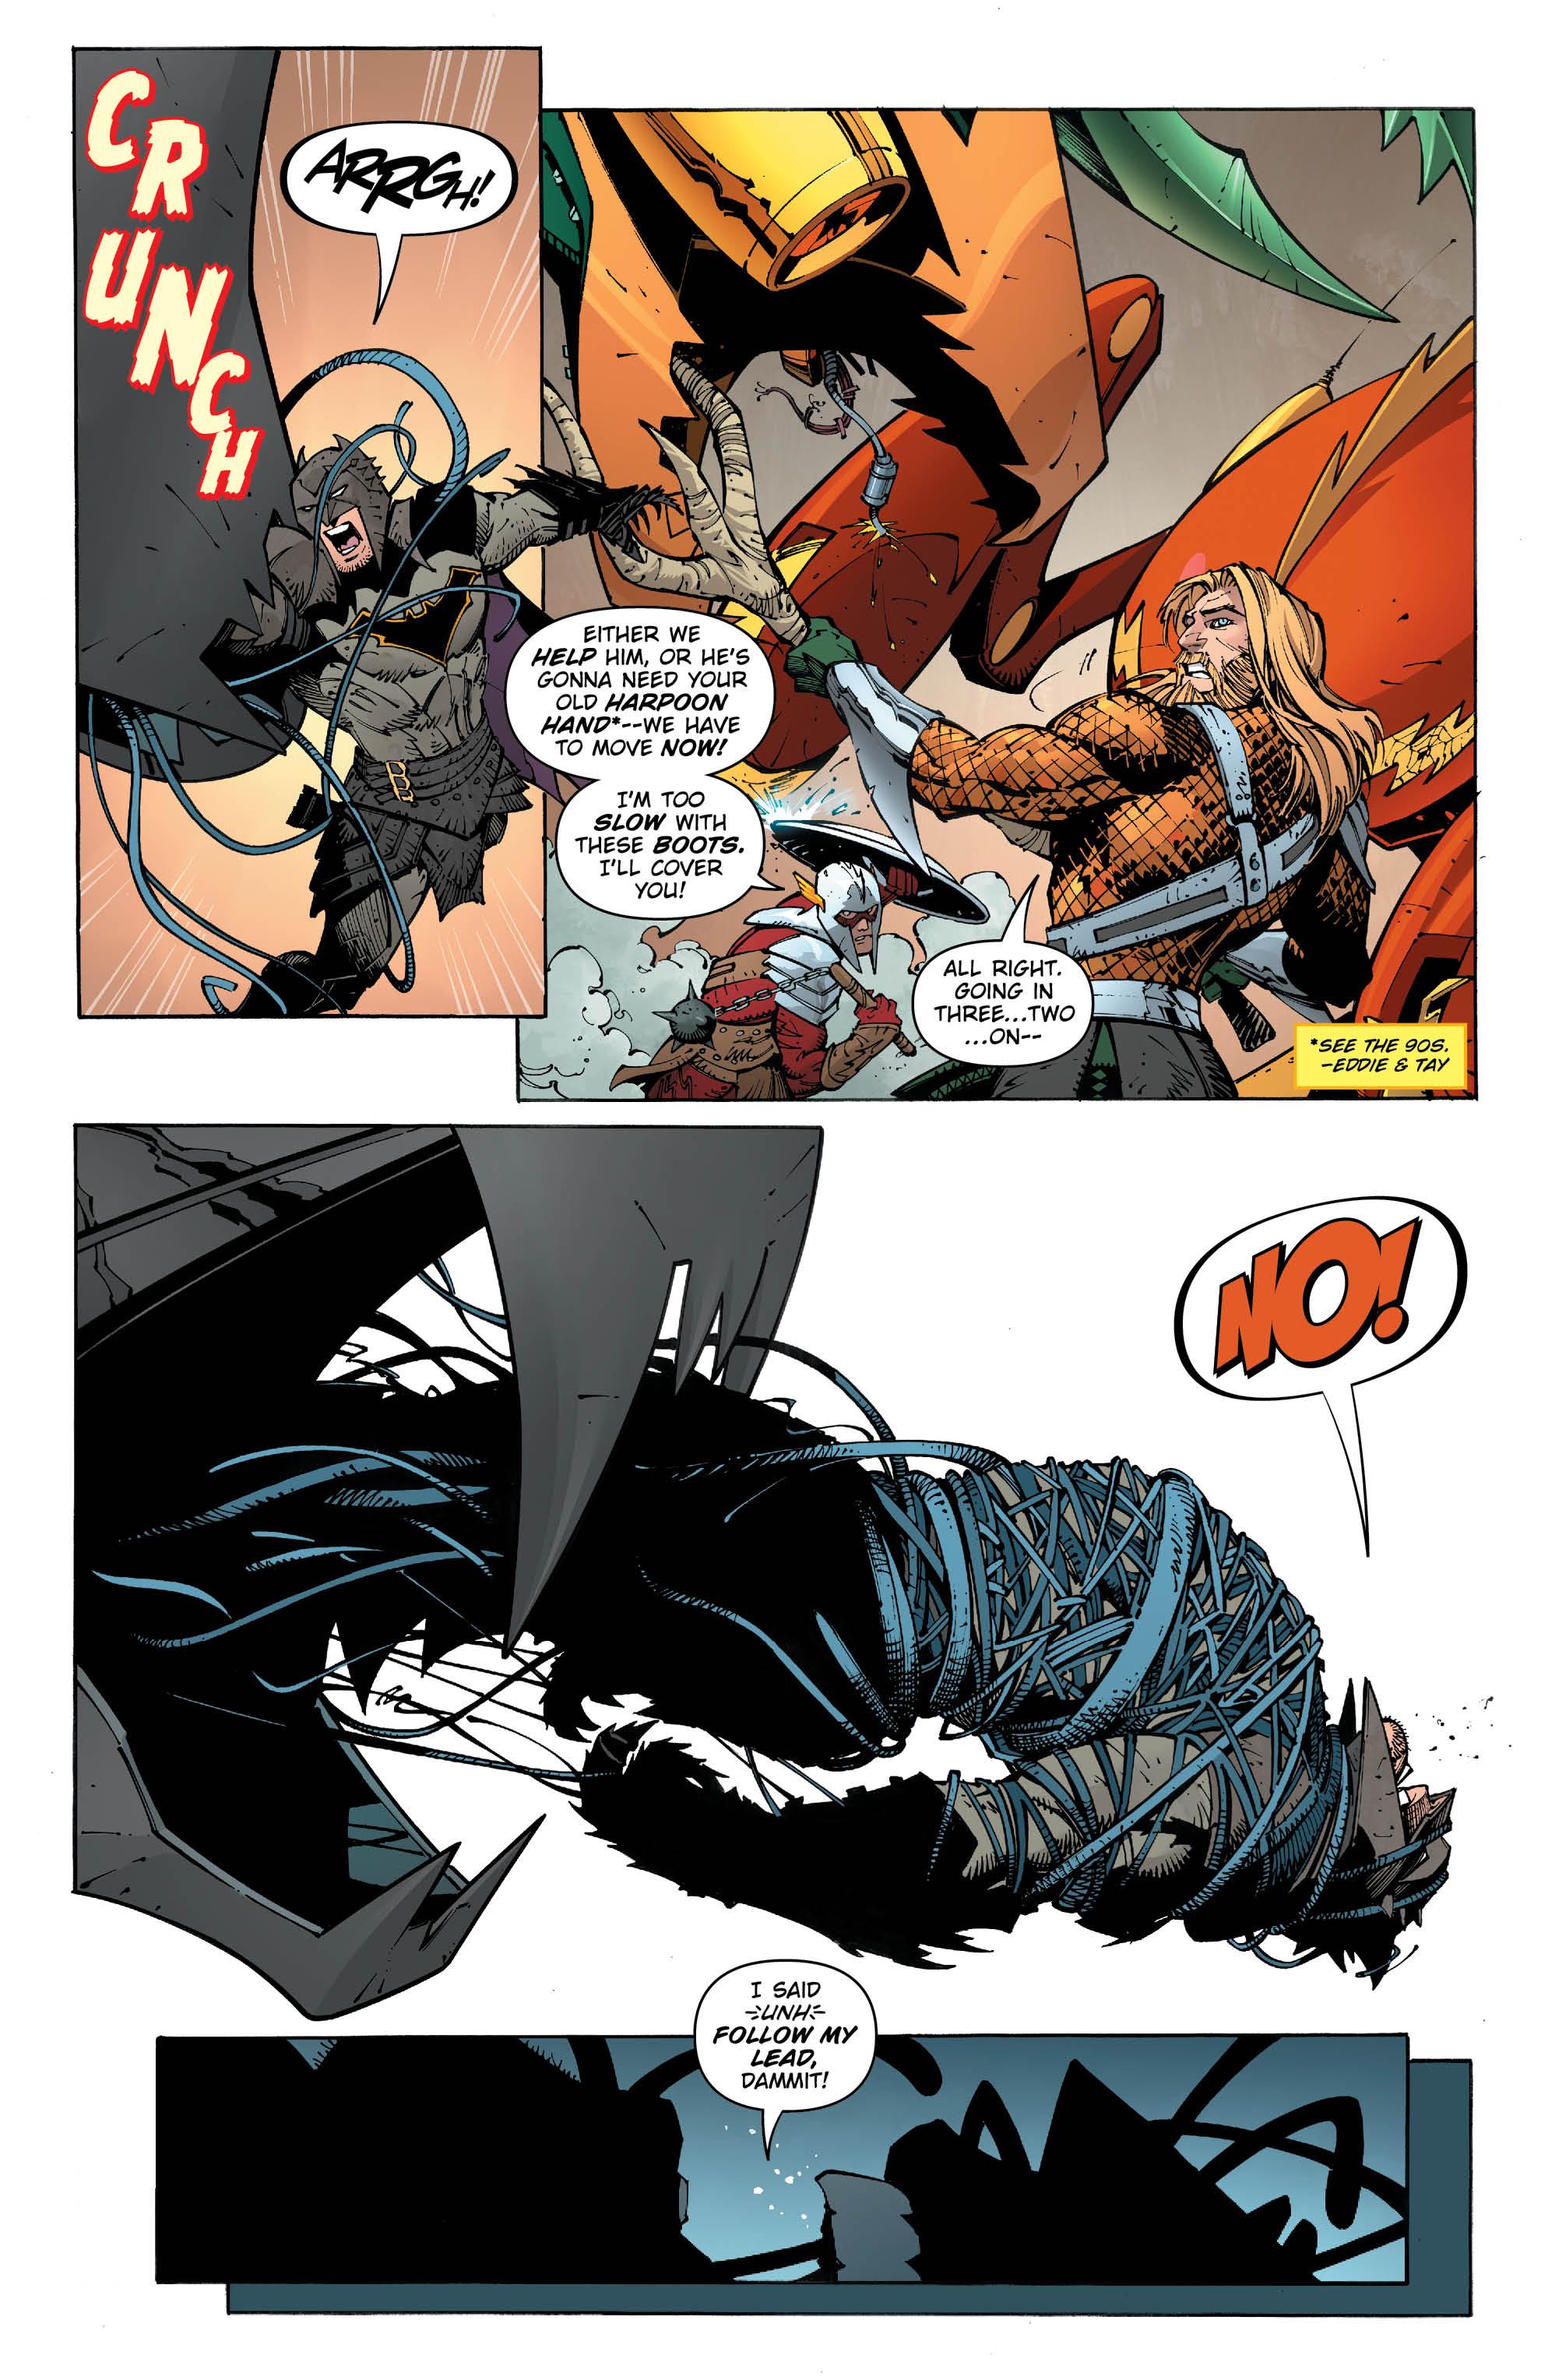 Metal Page 7 - DC Comics News